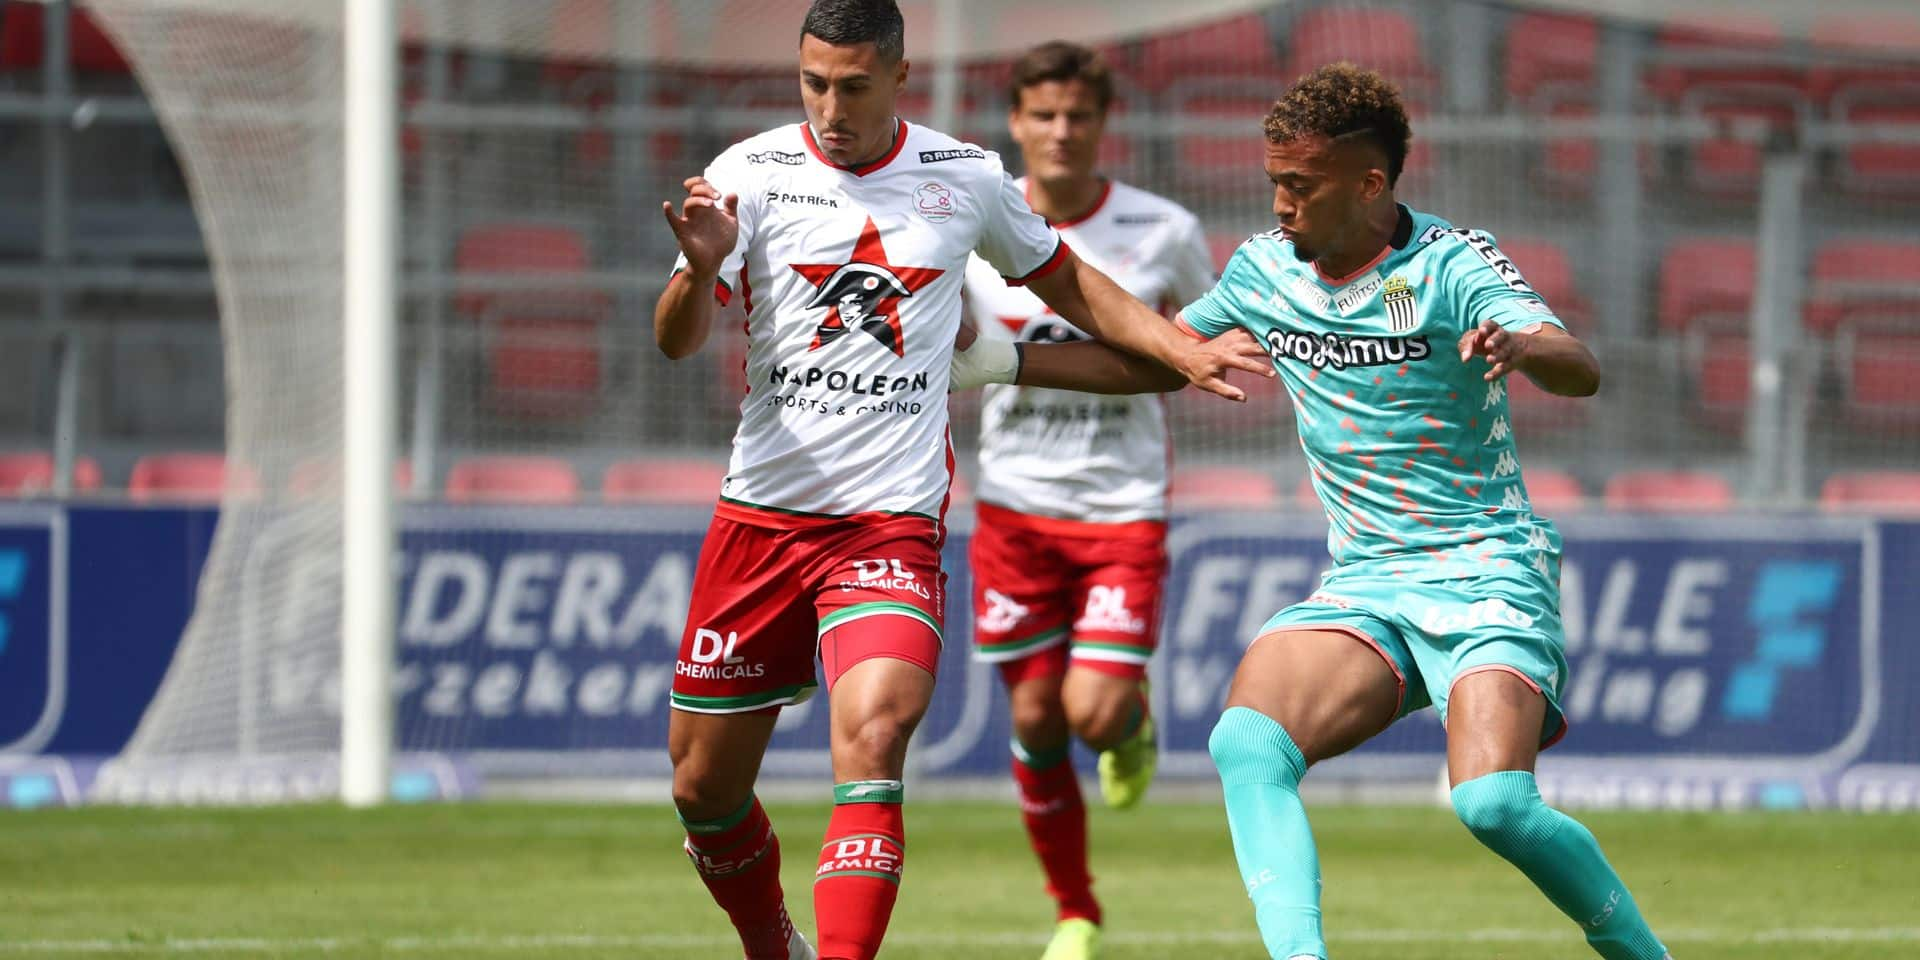 David Henen devrait bel et bien signer à Grenoble